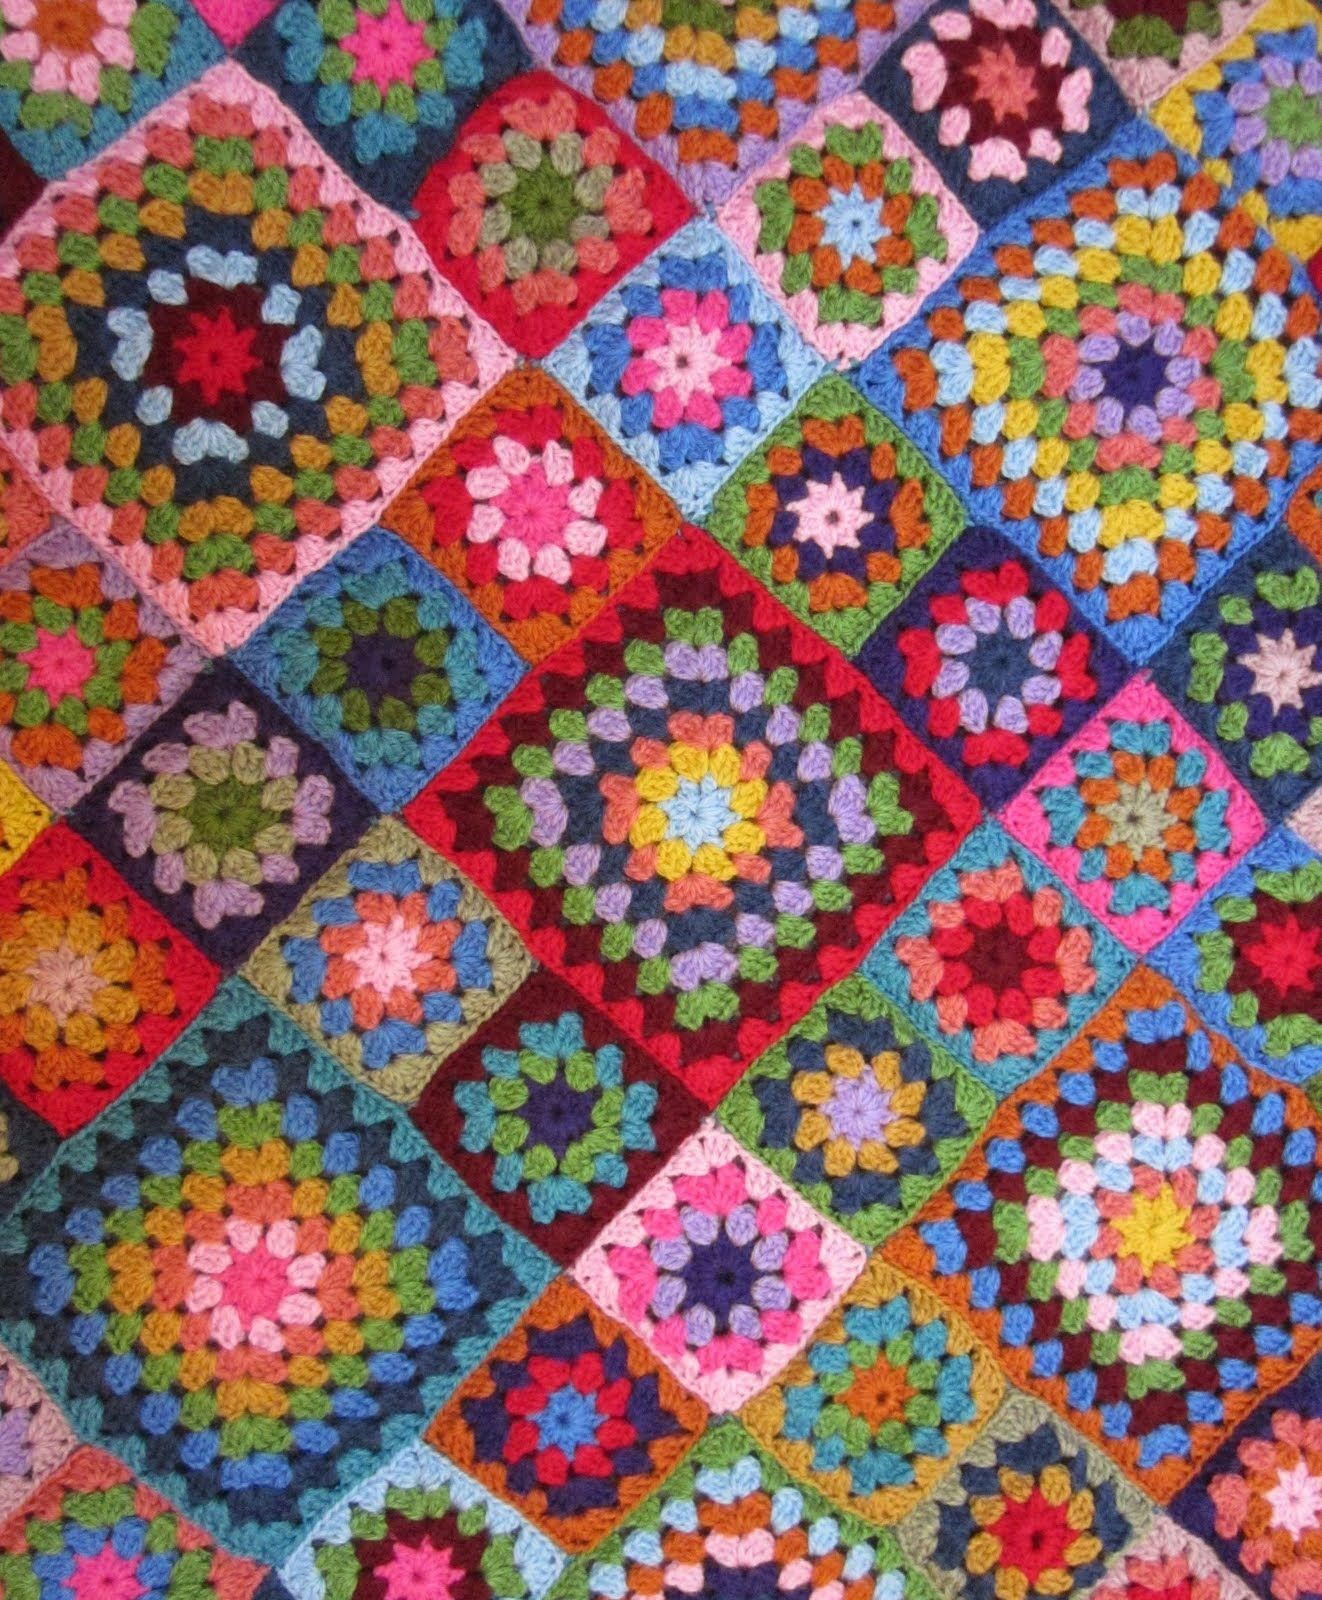 Crochet Pattern Central - Free Stockings Crochet Pattern Link ...